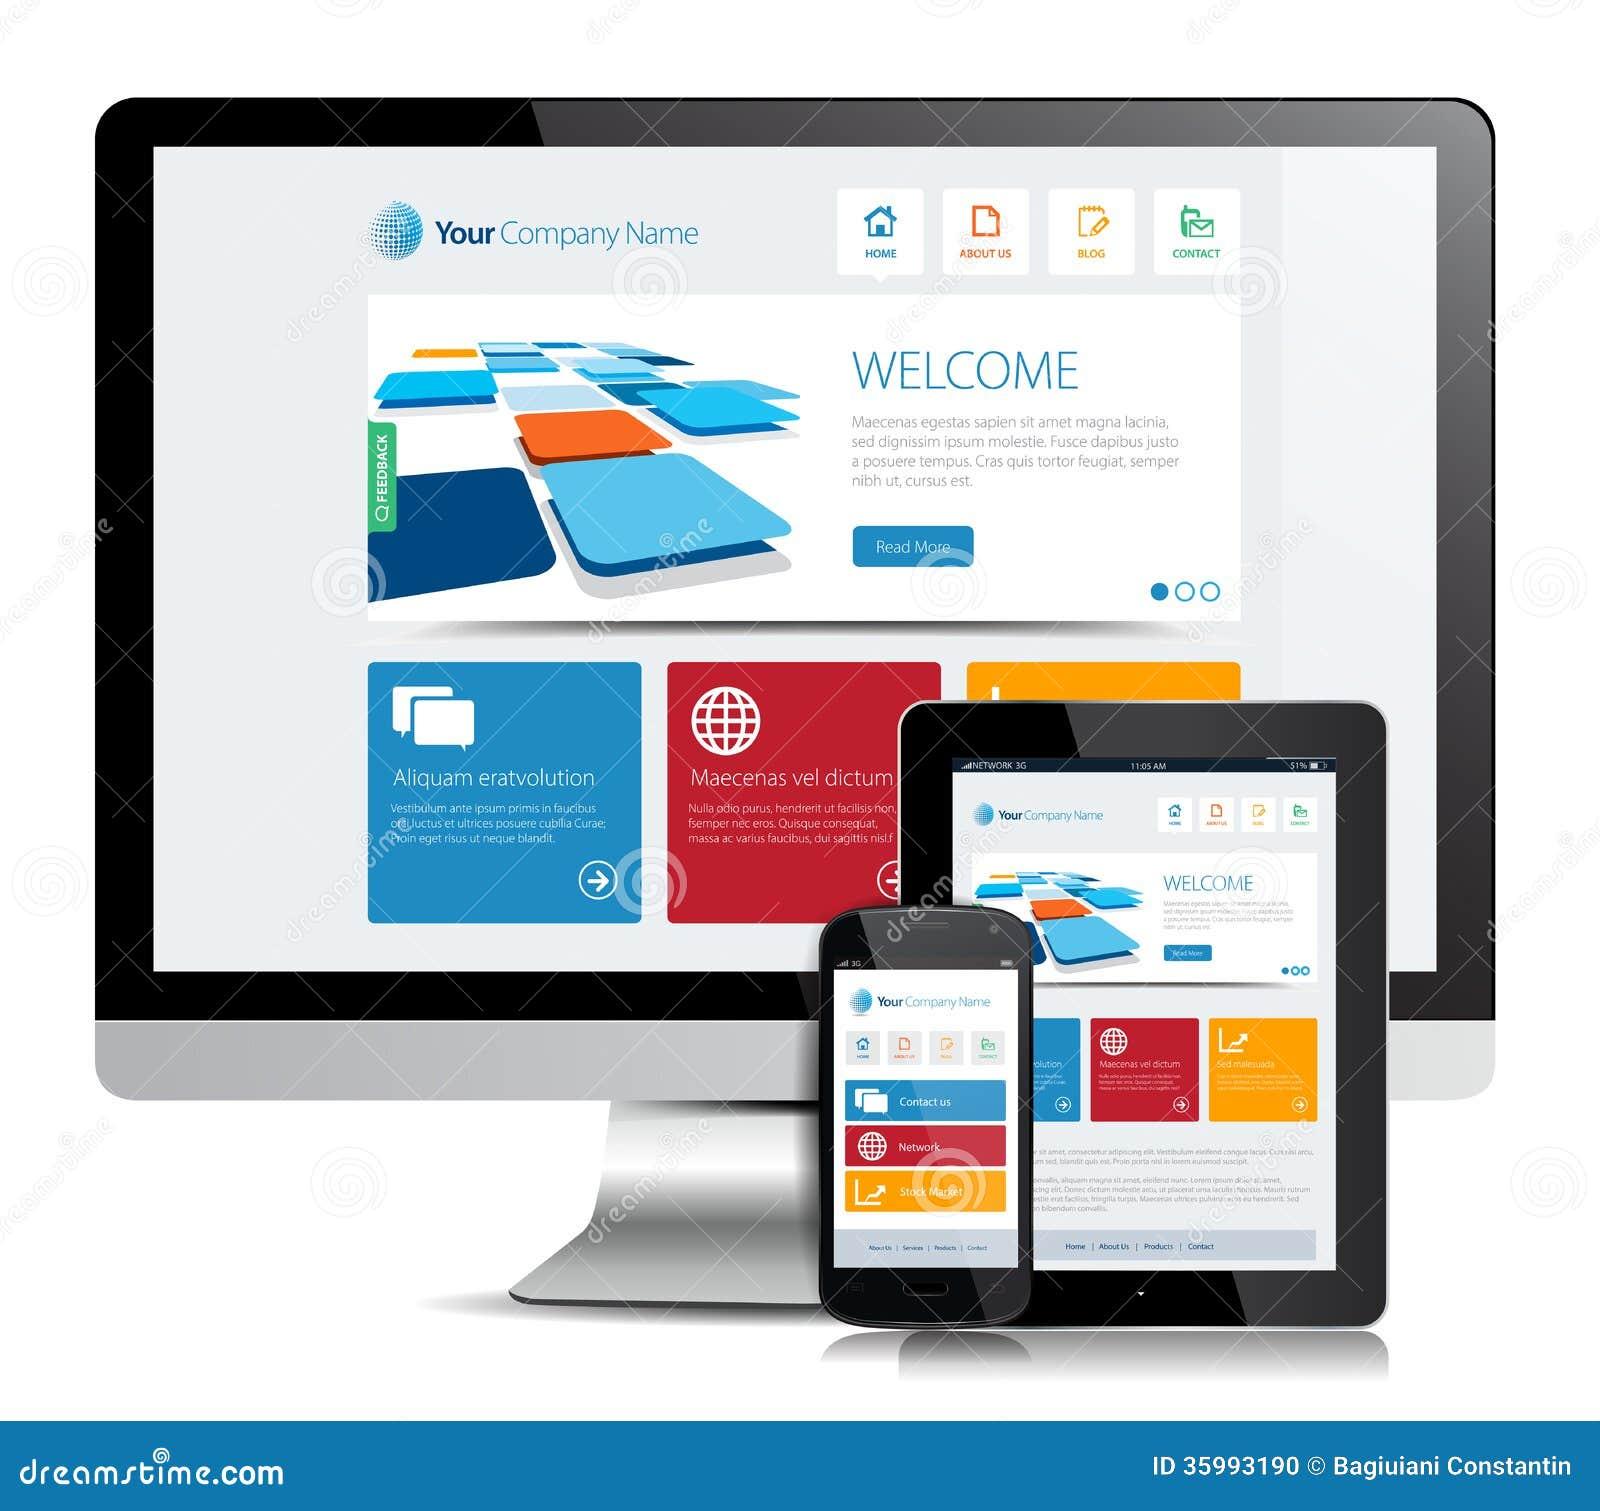 responsive app design stock vector illustration of blue. Black Bedroom Furniture Sets. Home Design Ideas